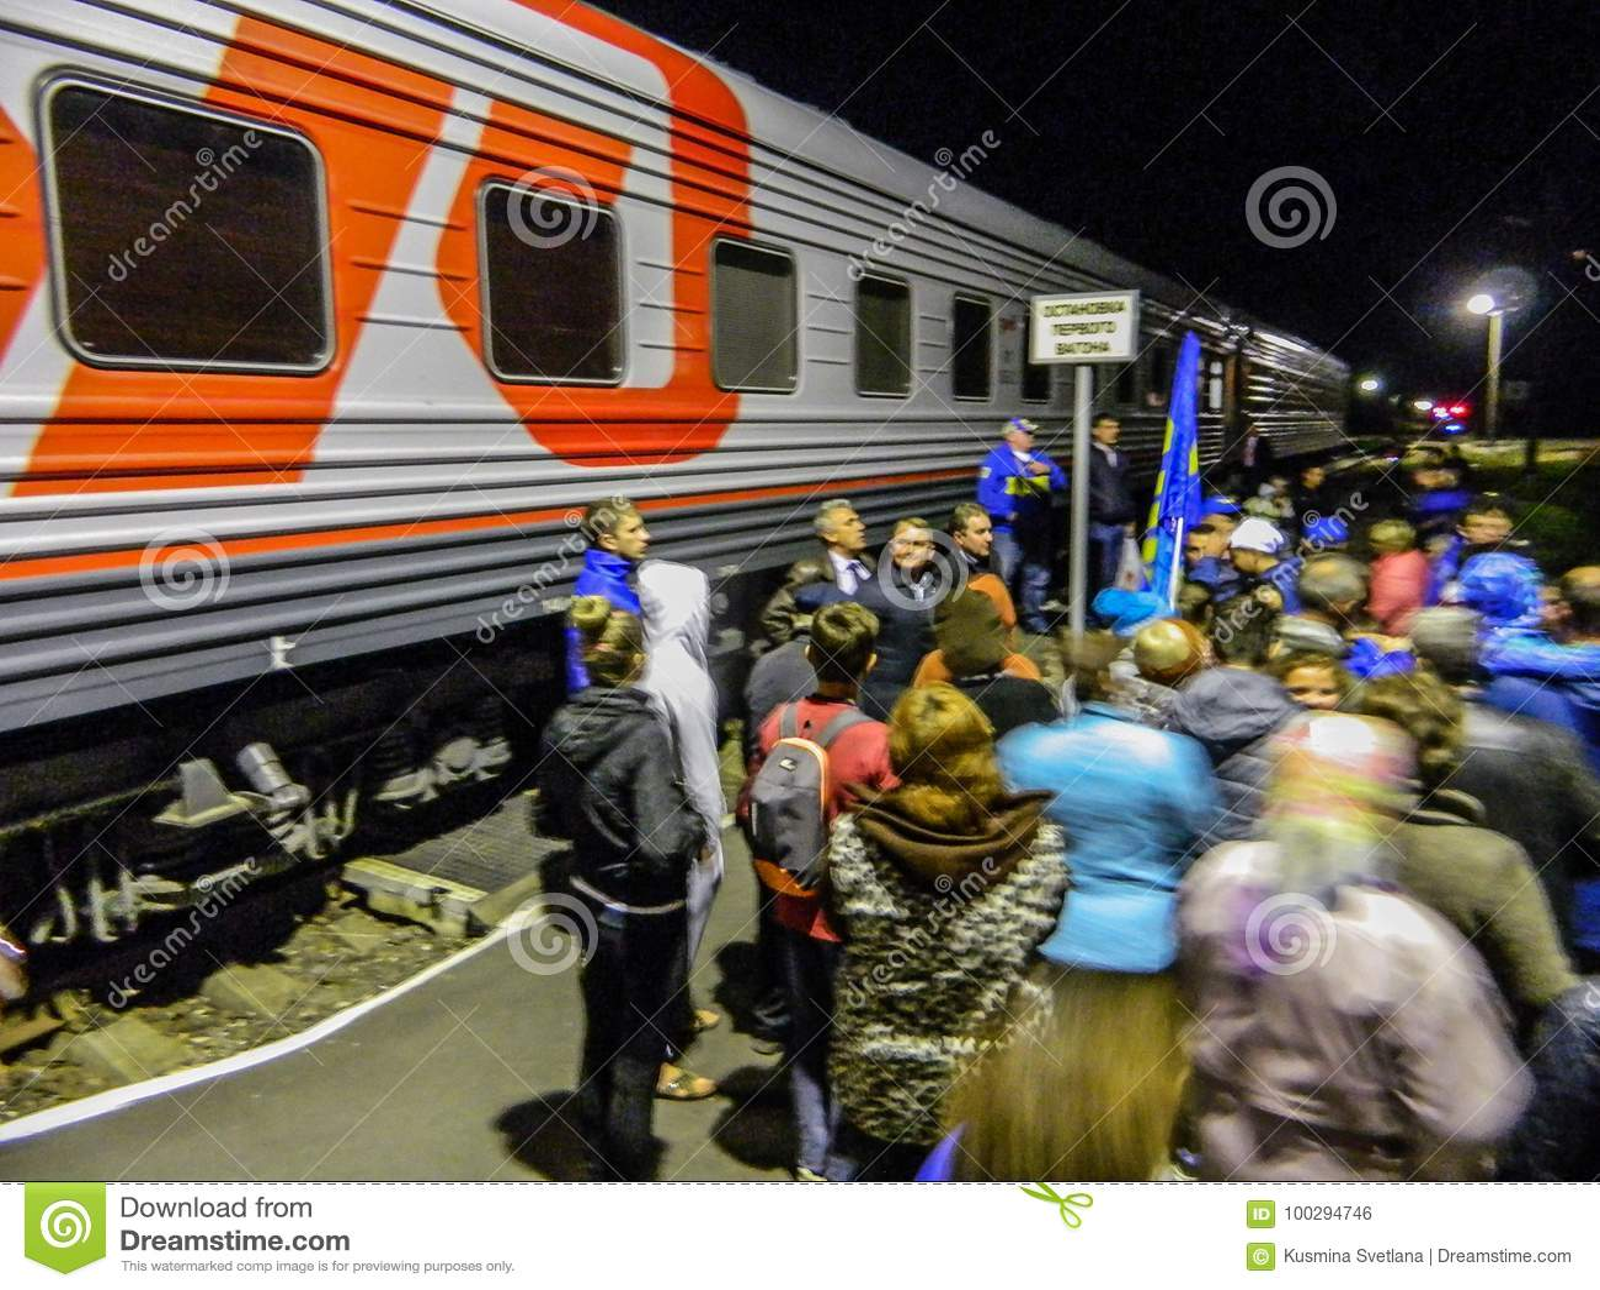 La llegada del tren de la campaña del partido democrático liberal ruso